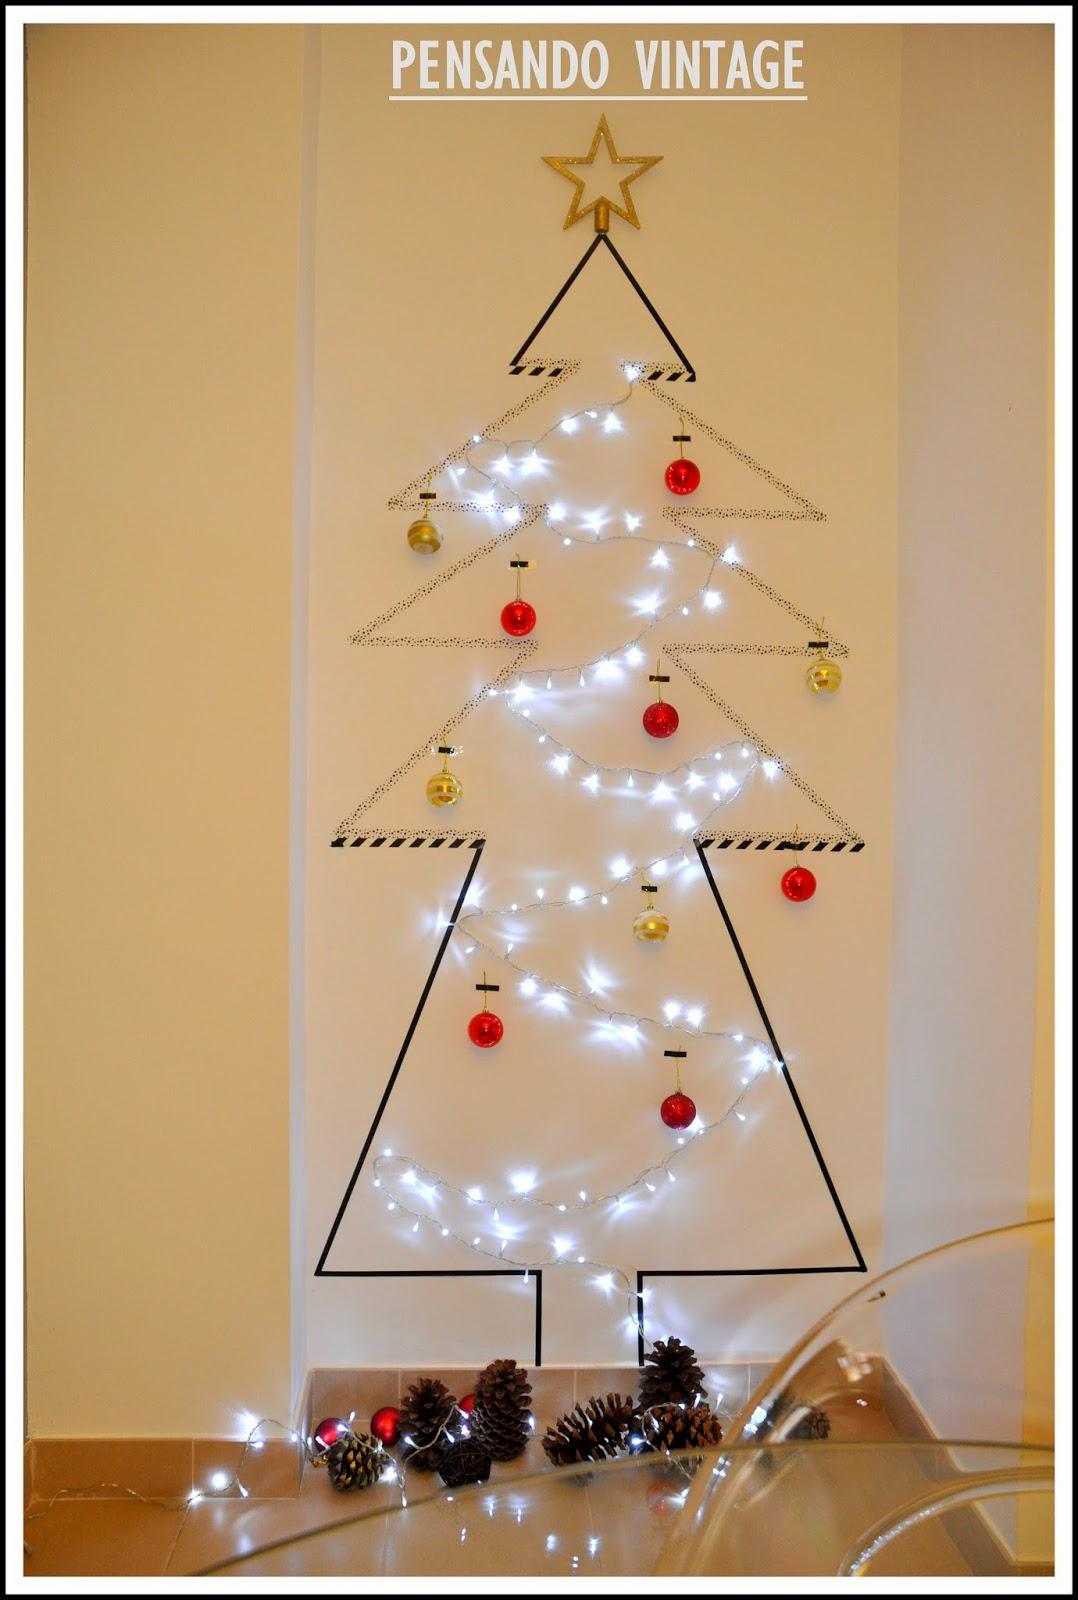 Pensando vintage mi rbol de navidad bonito barato y - Arbol navidad barato ...